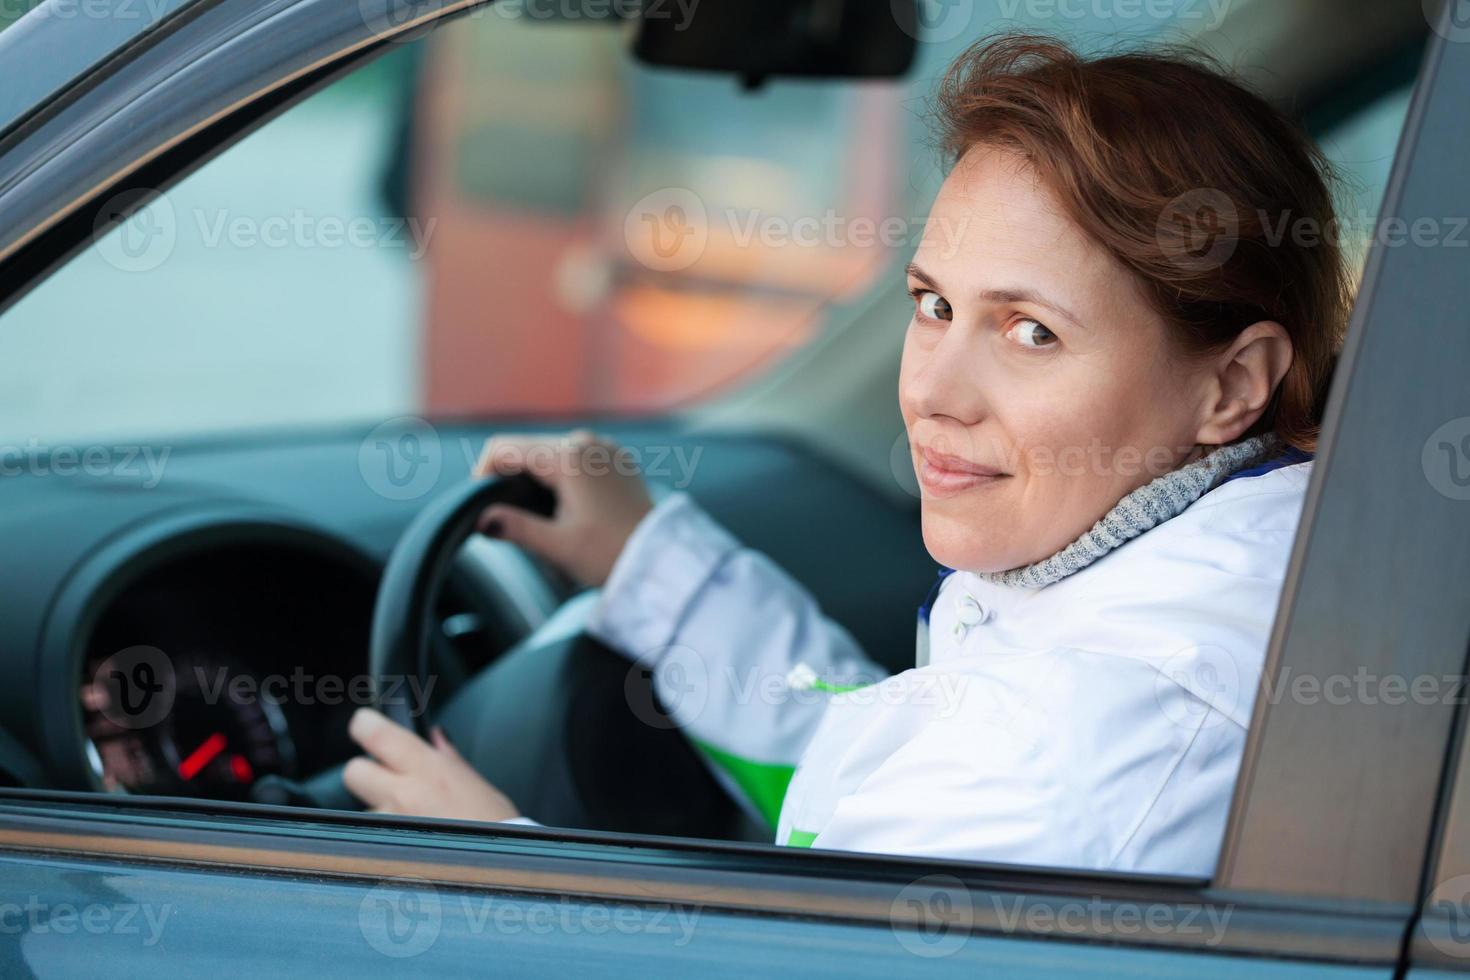 junge kaukasische Frau als Fahrerin in einem Auto foto